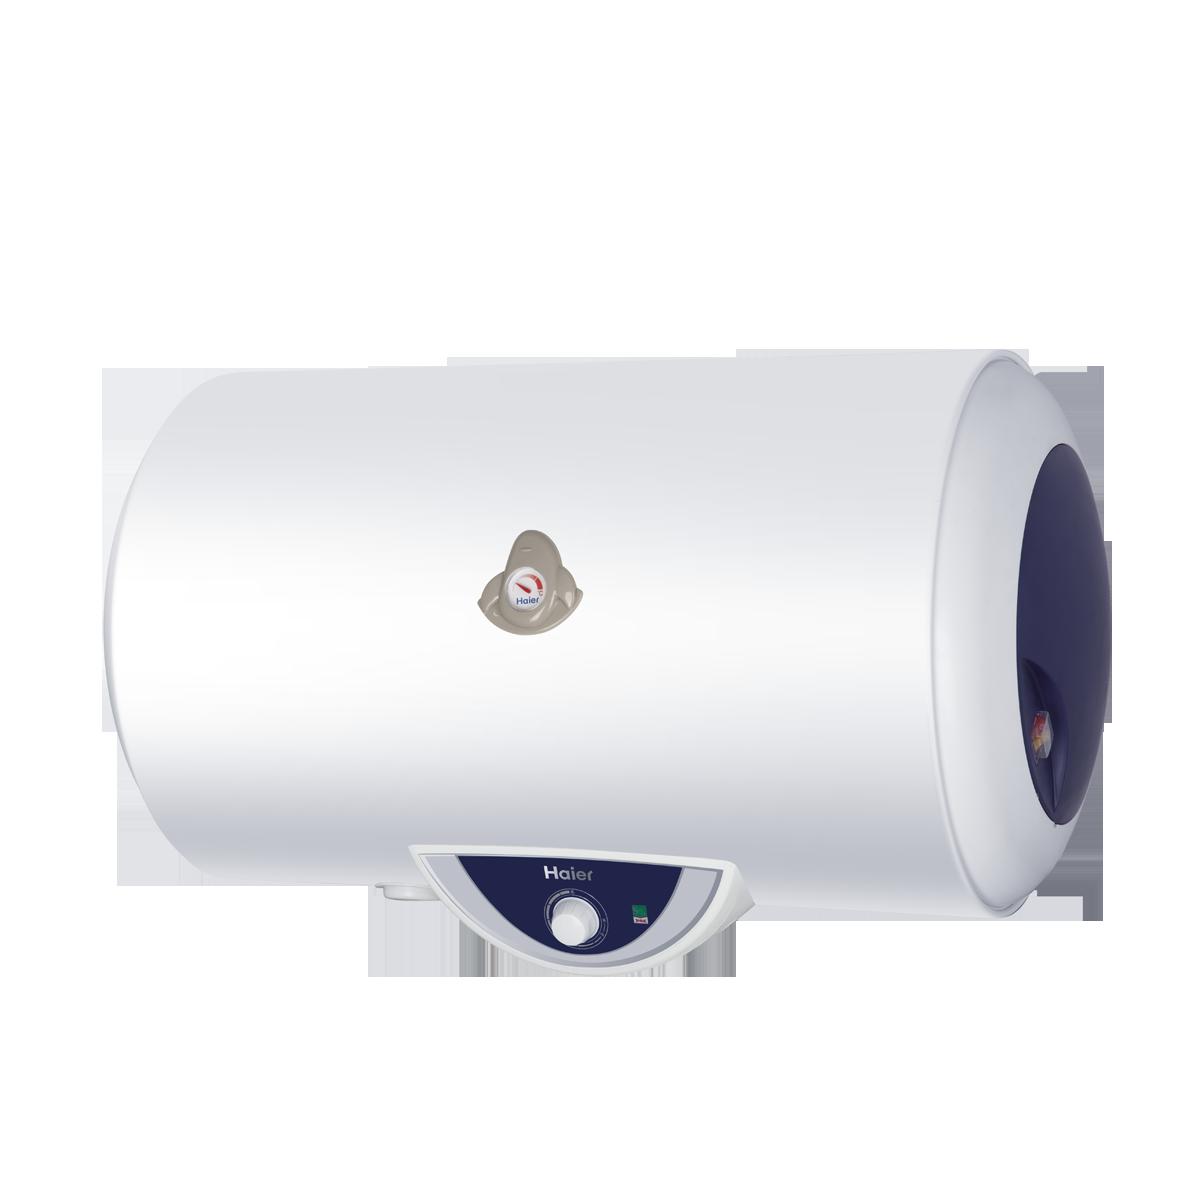 海尔电热水器 fcd-h40h(e)